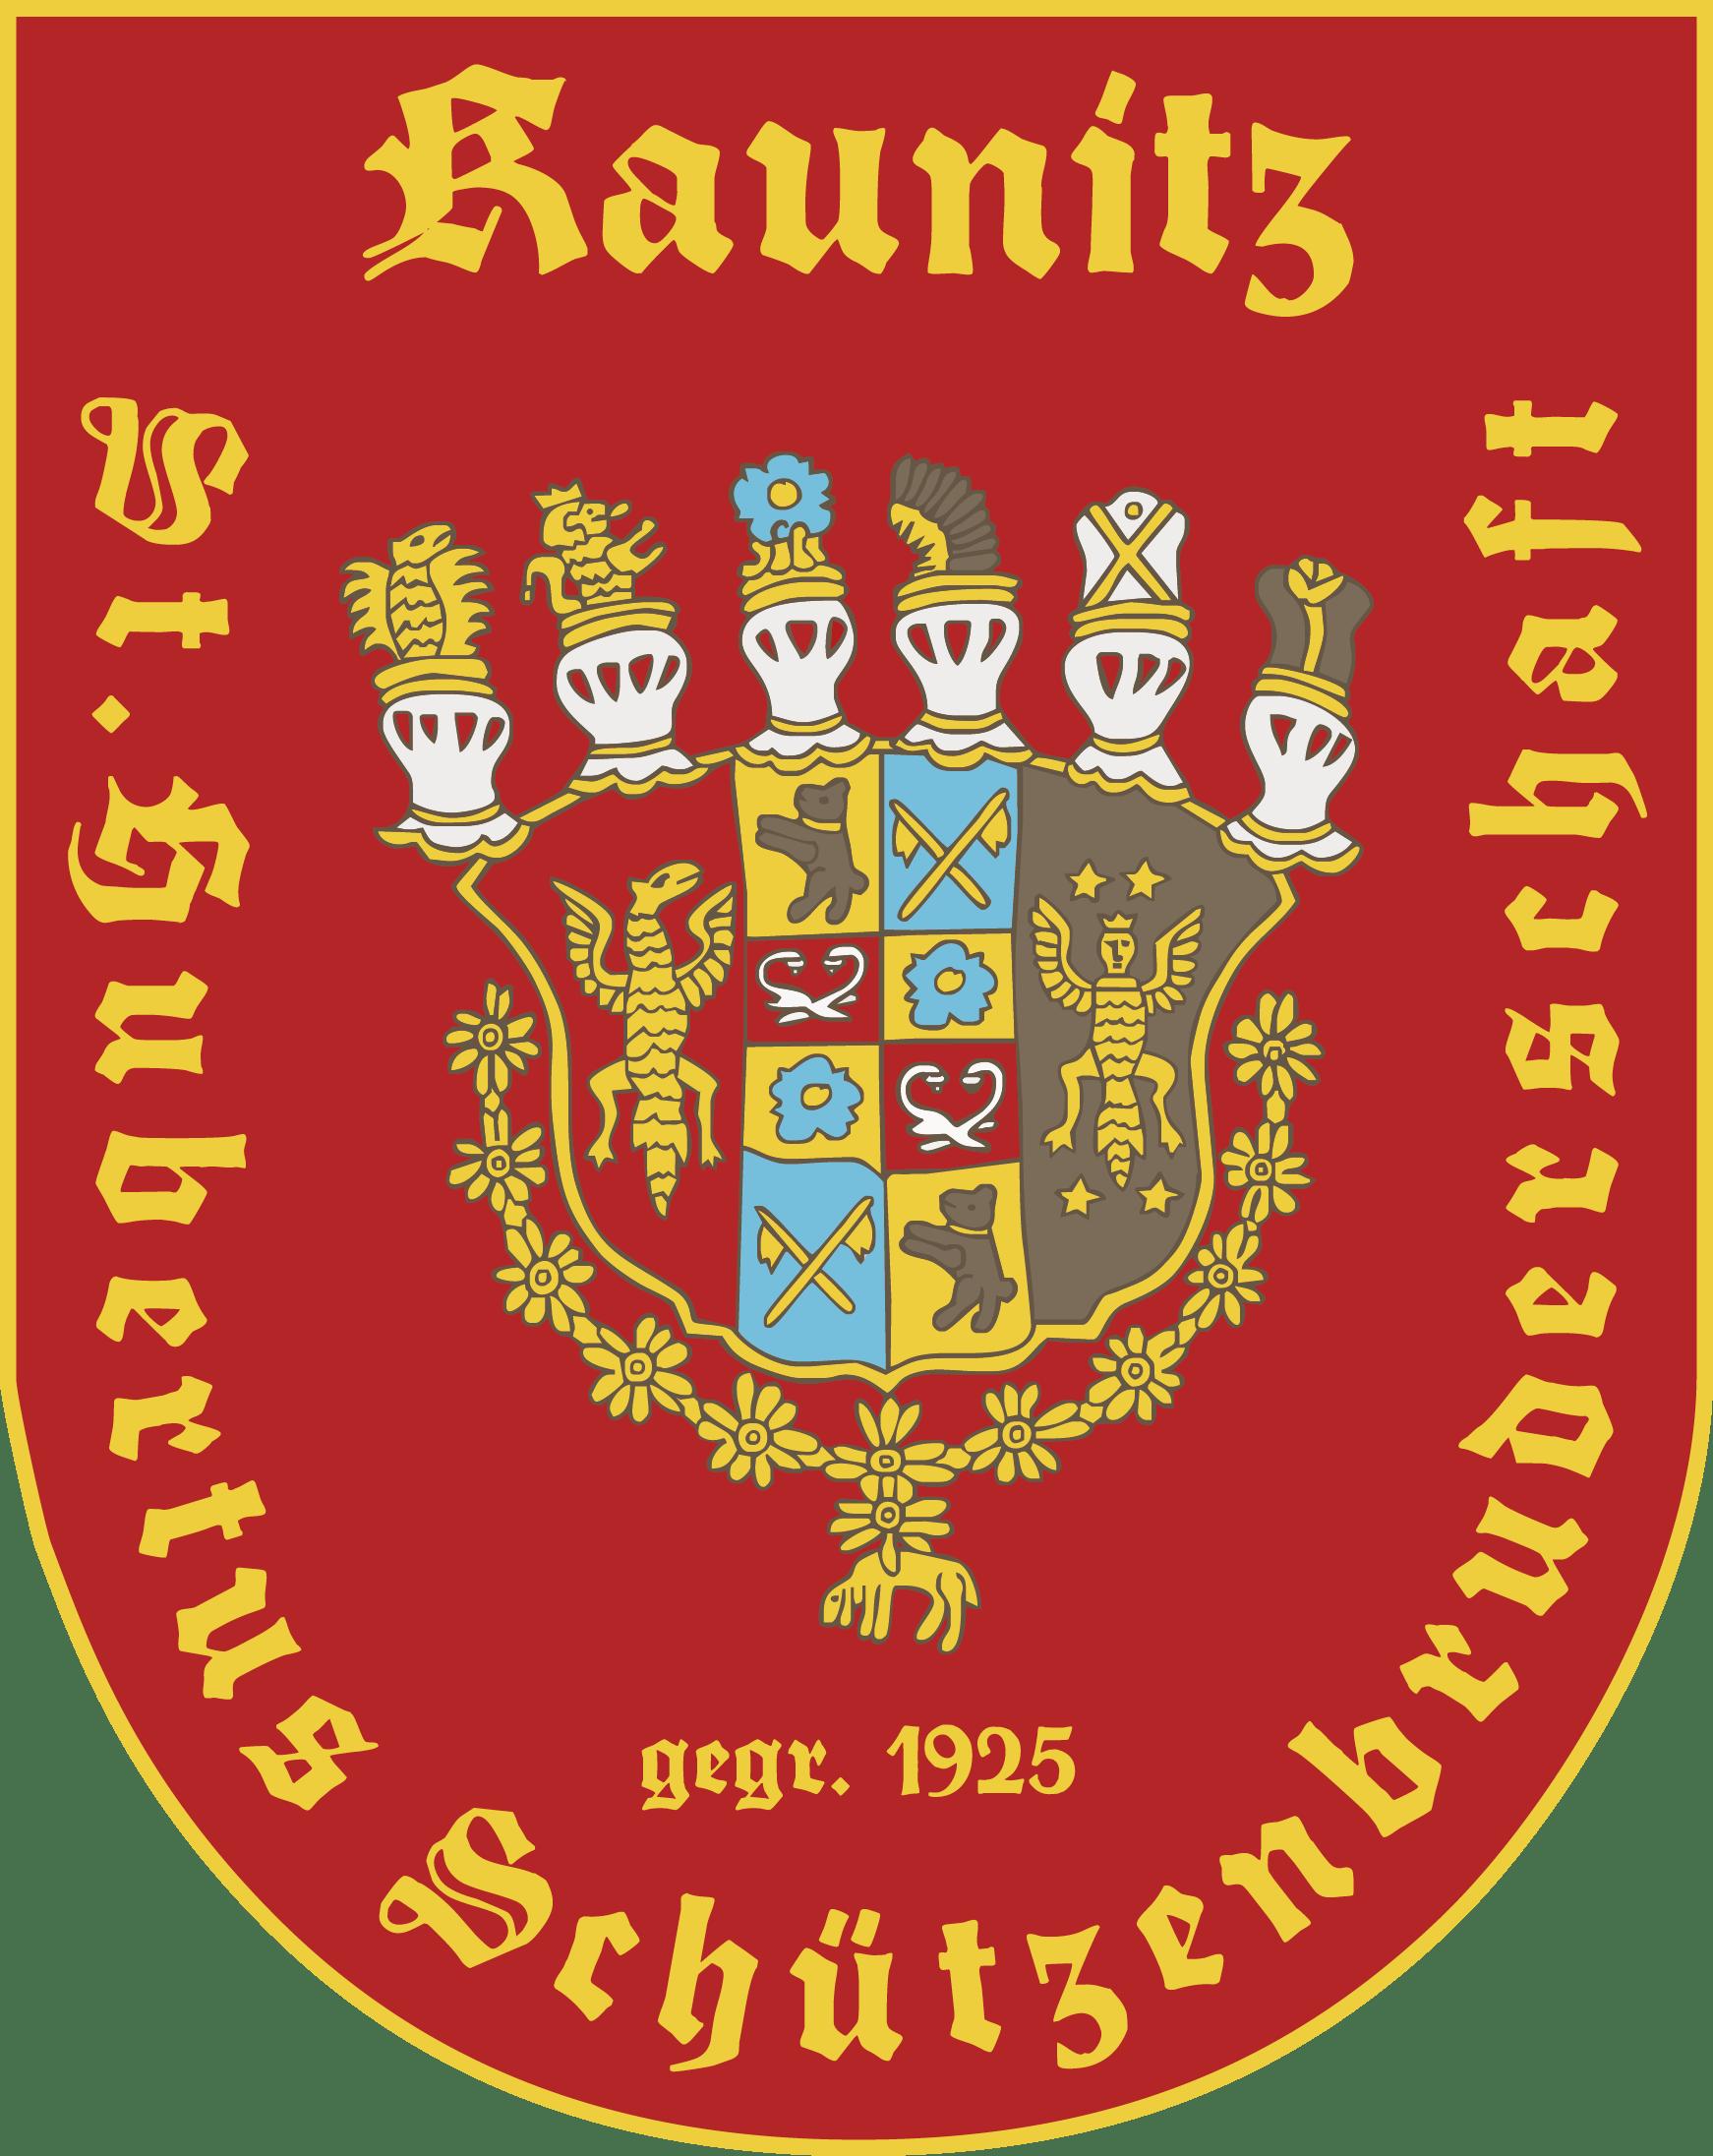 St. Hubertus Schützenbruderschaft Kaunitz e.V.